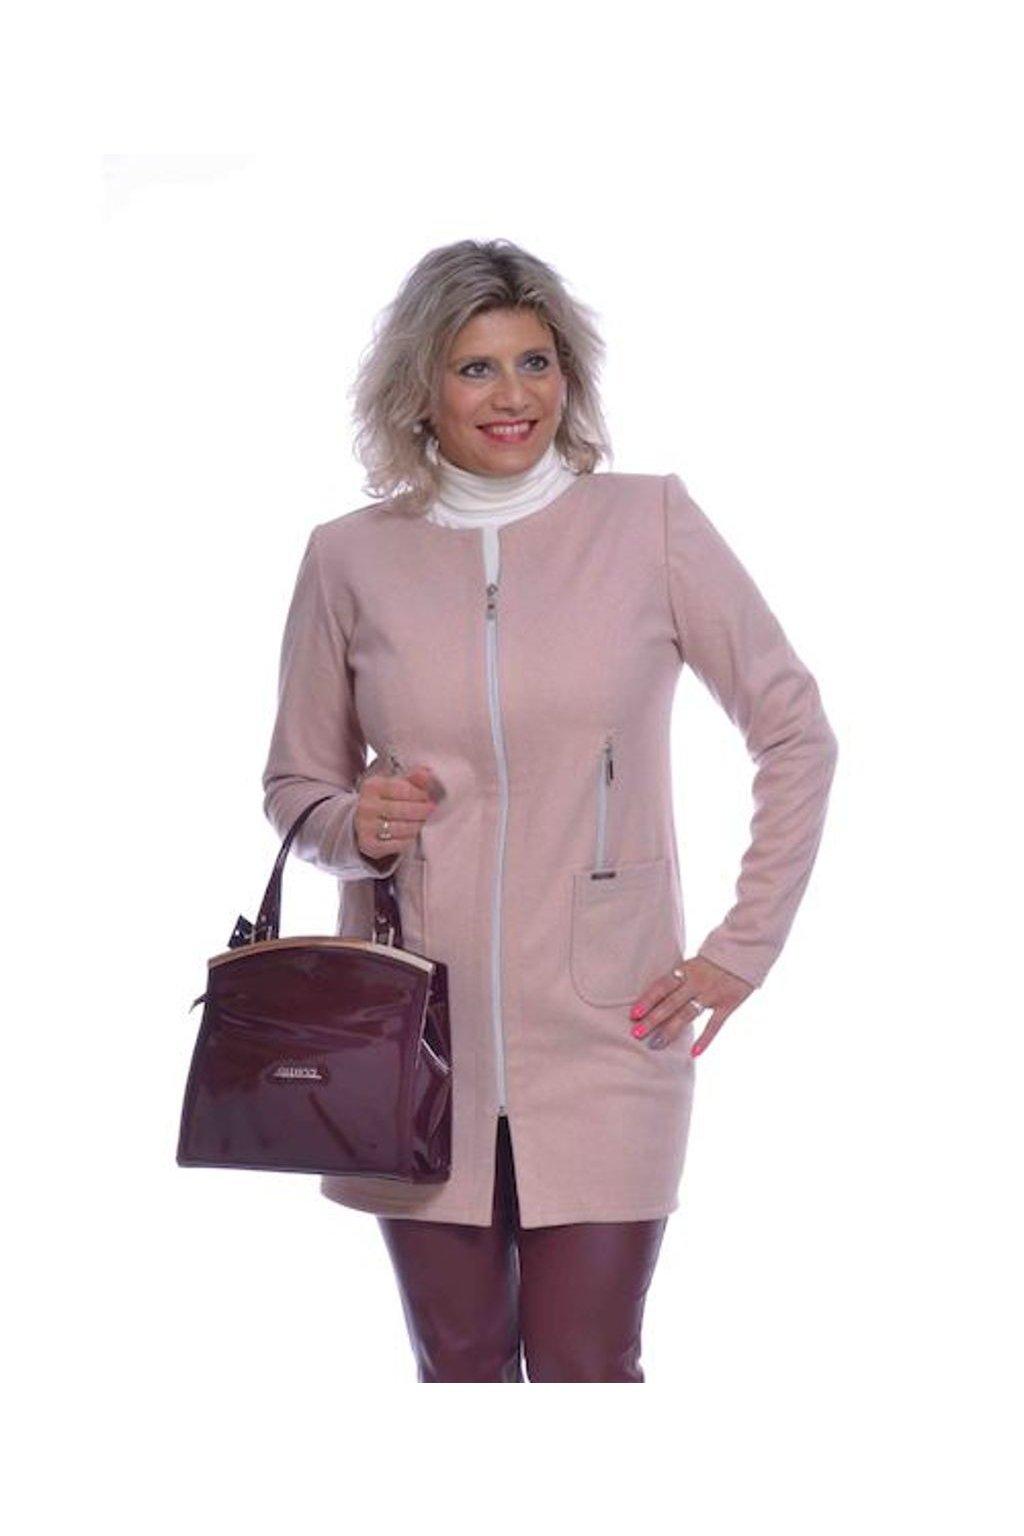 0120 Kabátek zipy (Velikost 36, Barva Růžová)